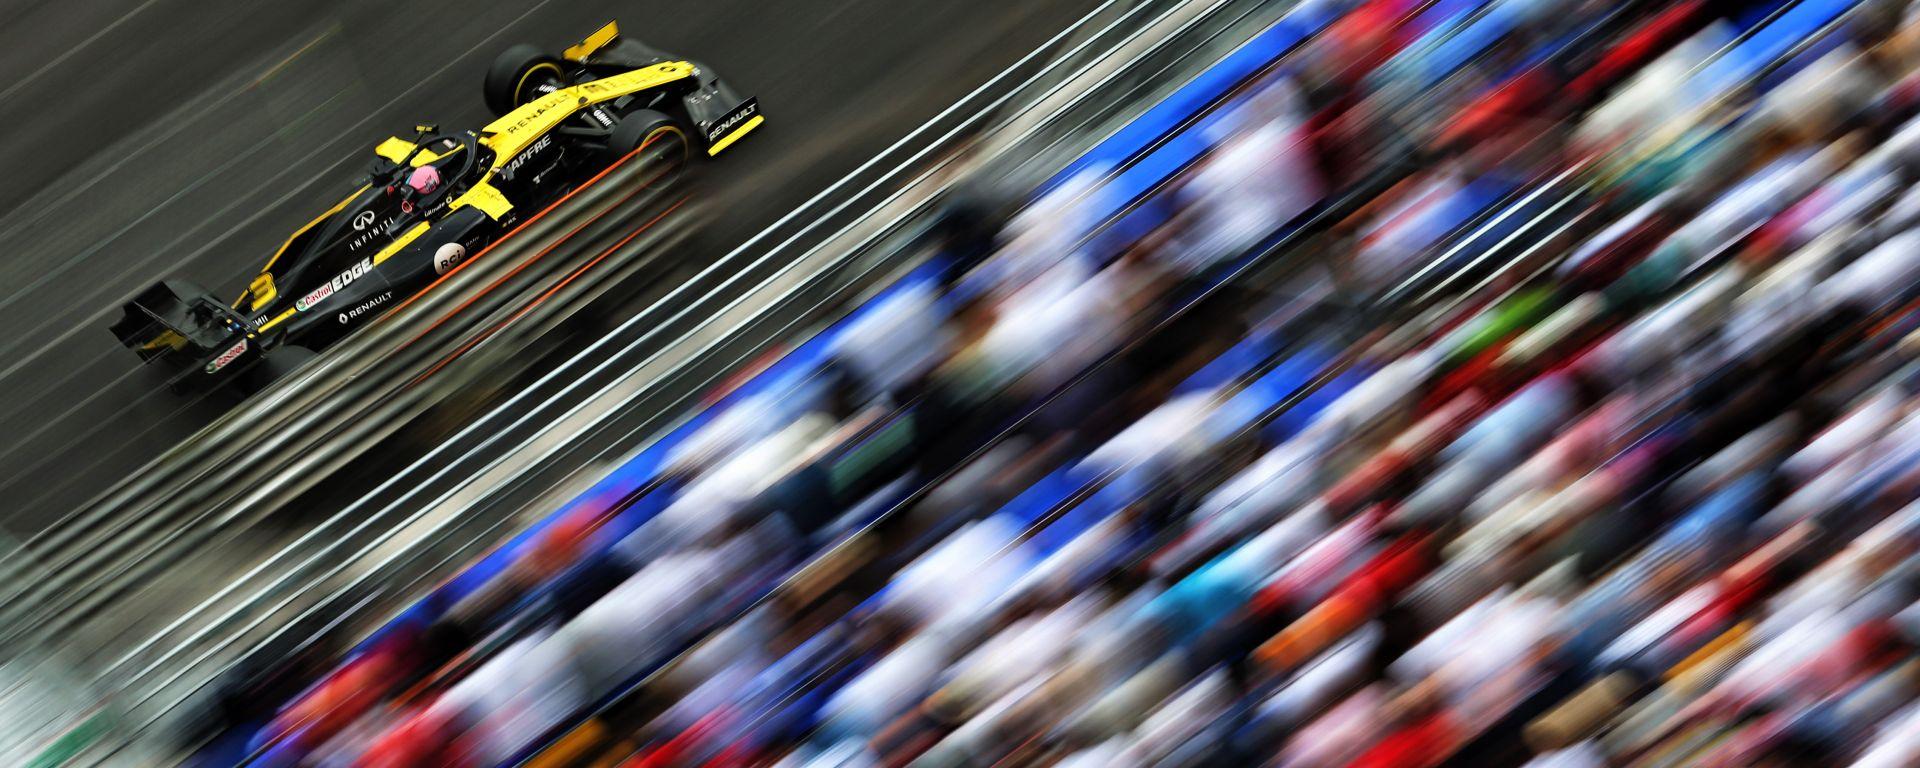 F1 GP Monaco 2019, Monte Carlo: Daniel Ricciardo (Renault)